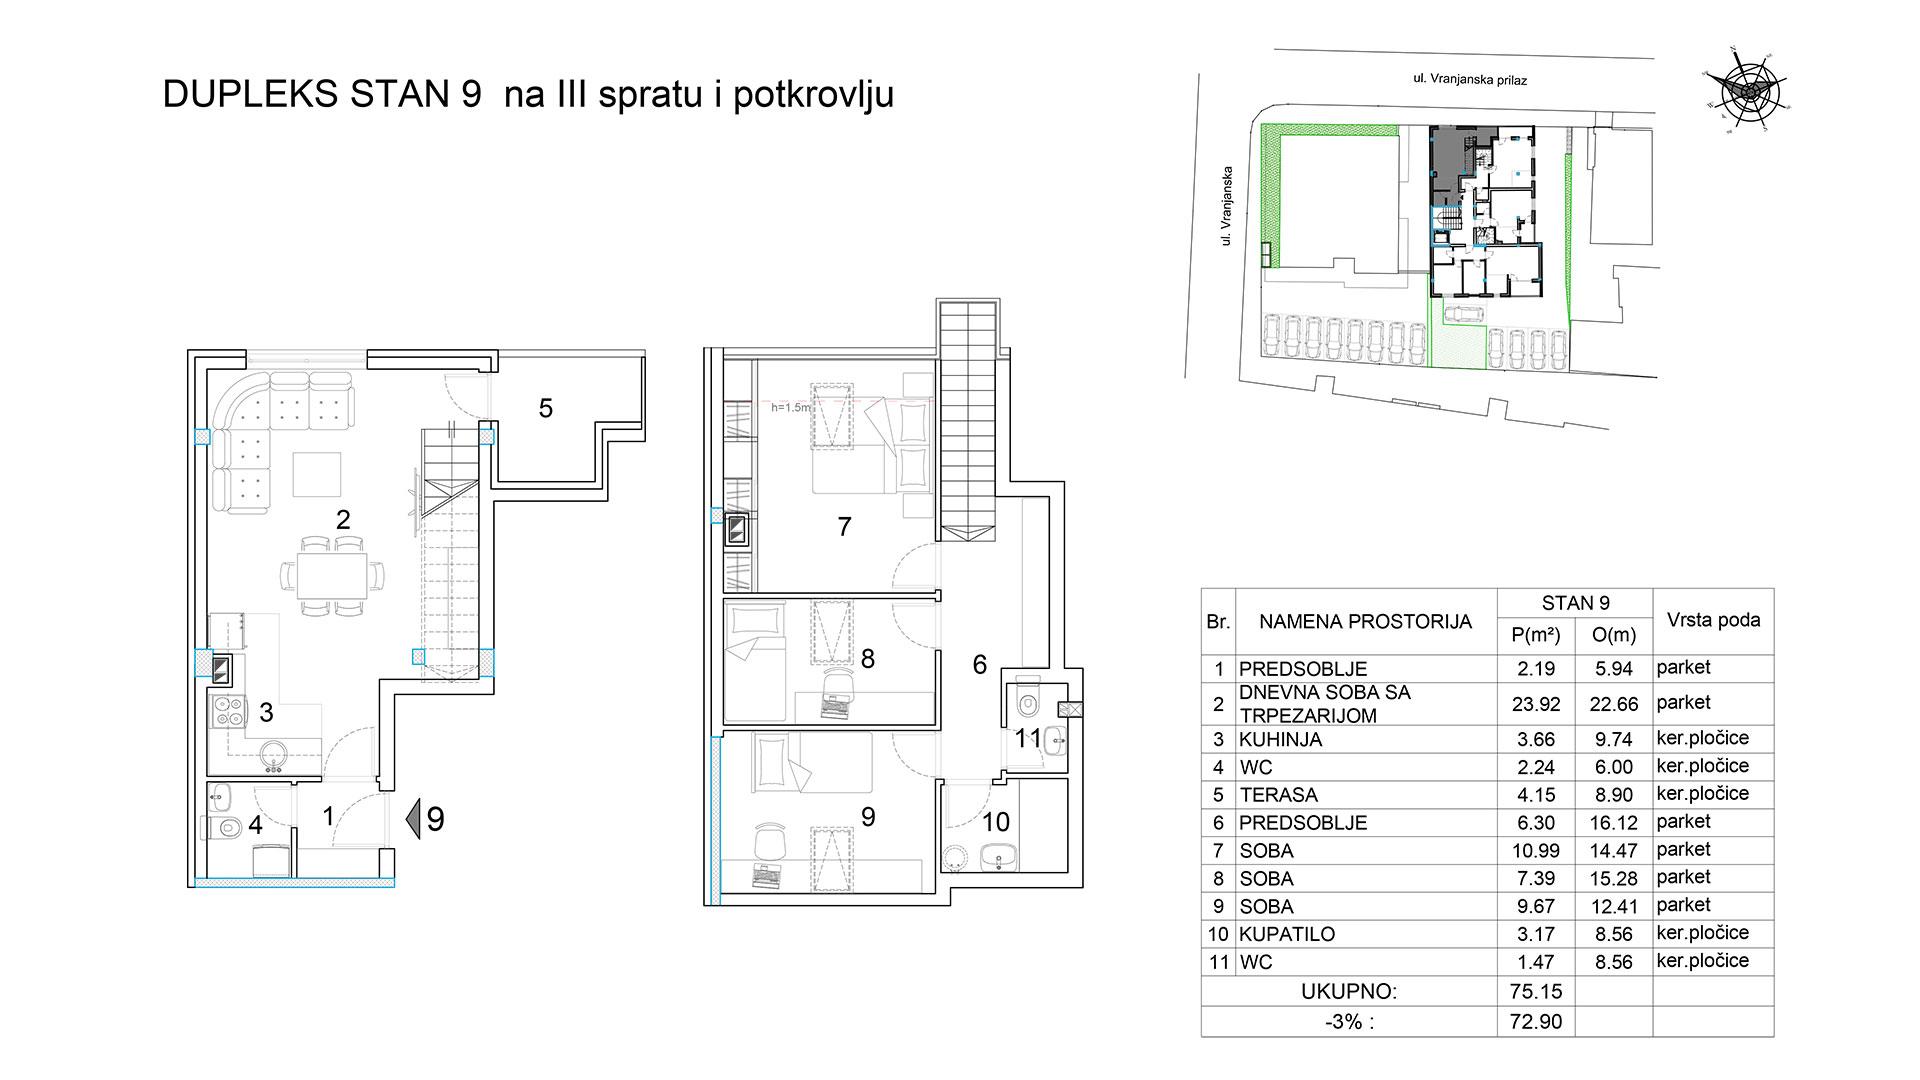 Objekat u Vranjanskoj 2A - stan 9